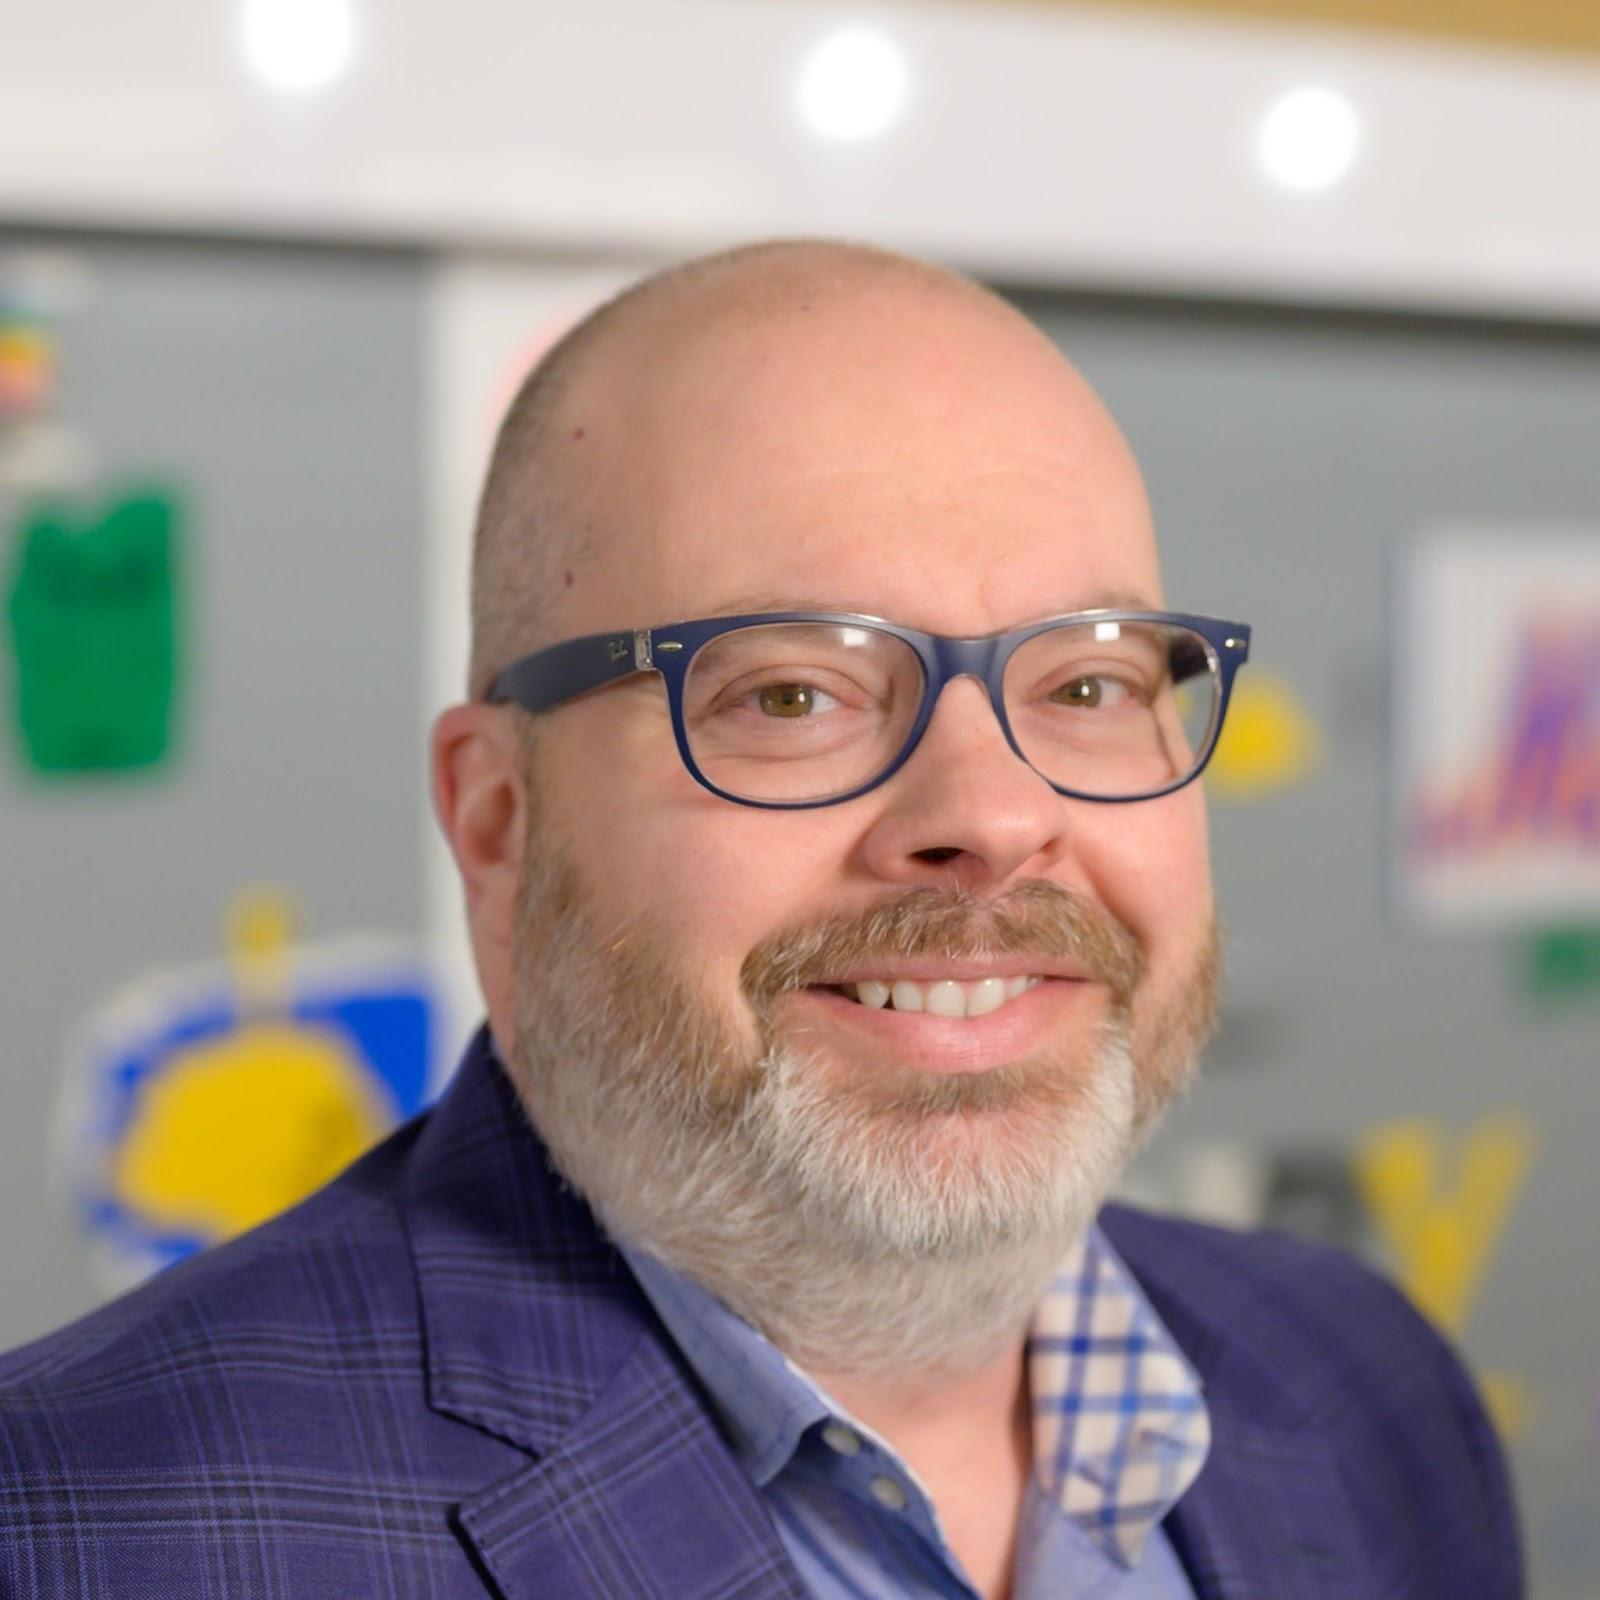 Bob Petrocelli, CTO at Datto